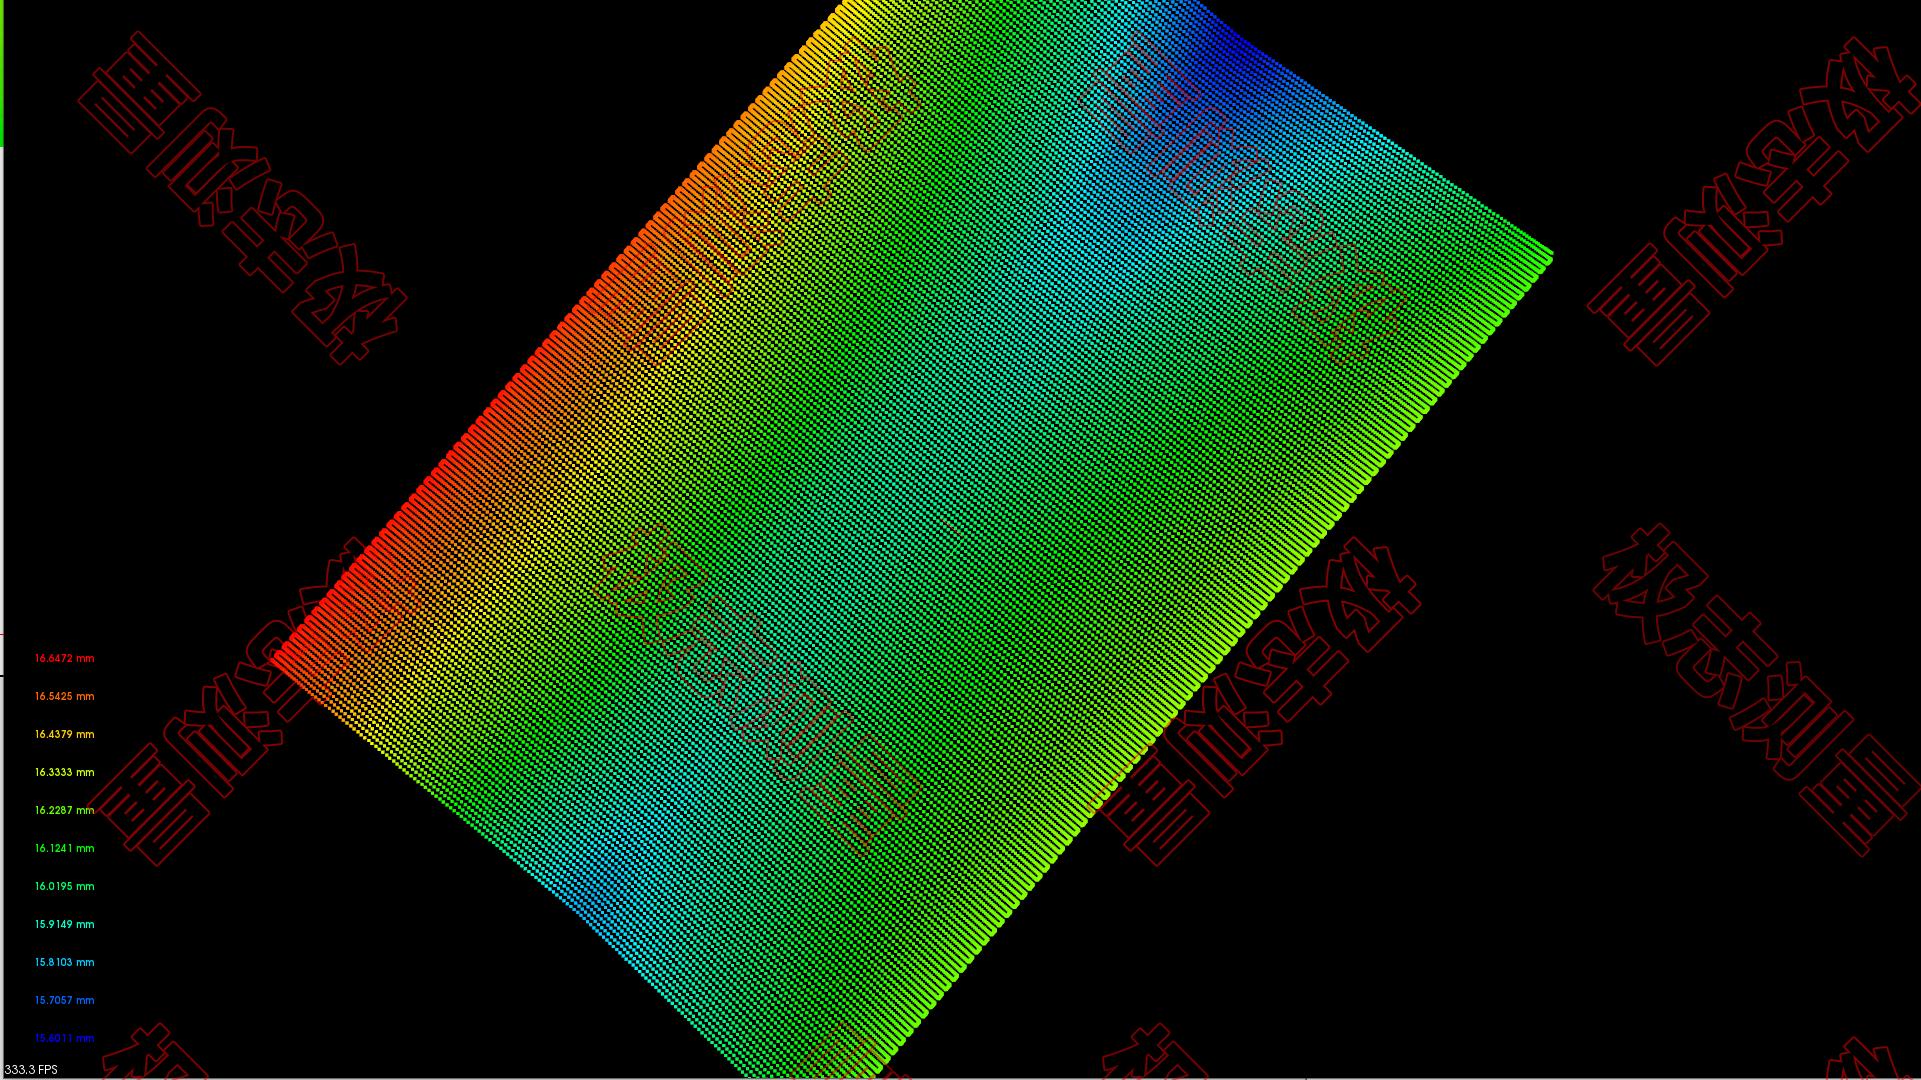 柔性屏的平整度应该怎么测量?高精度减少塑料感